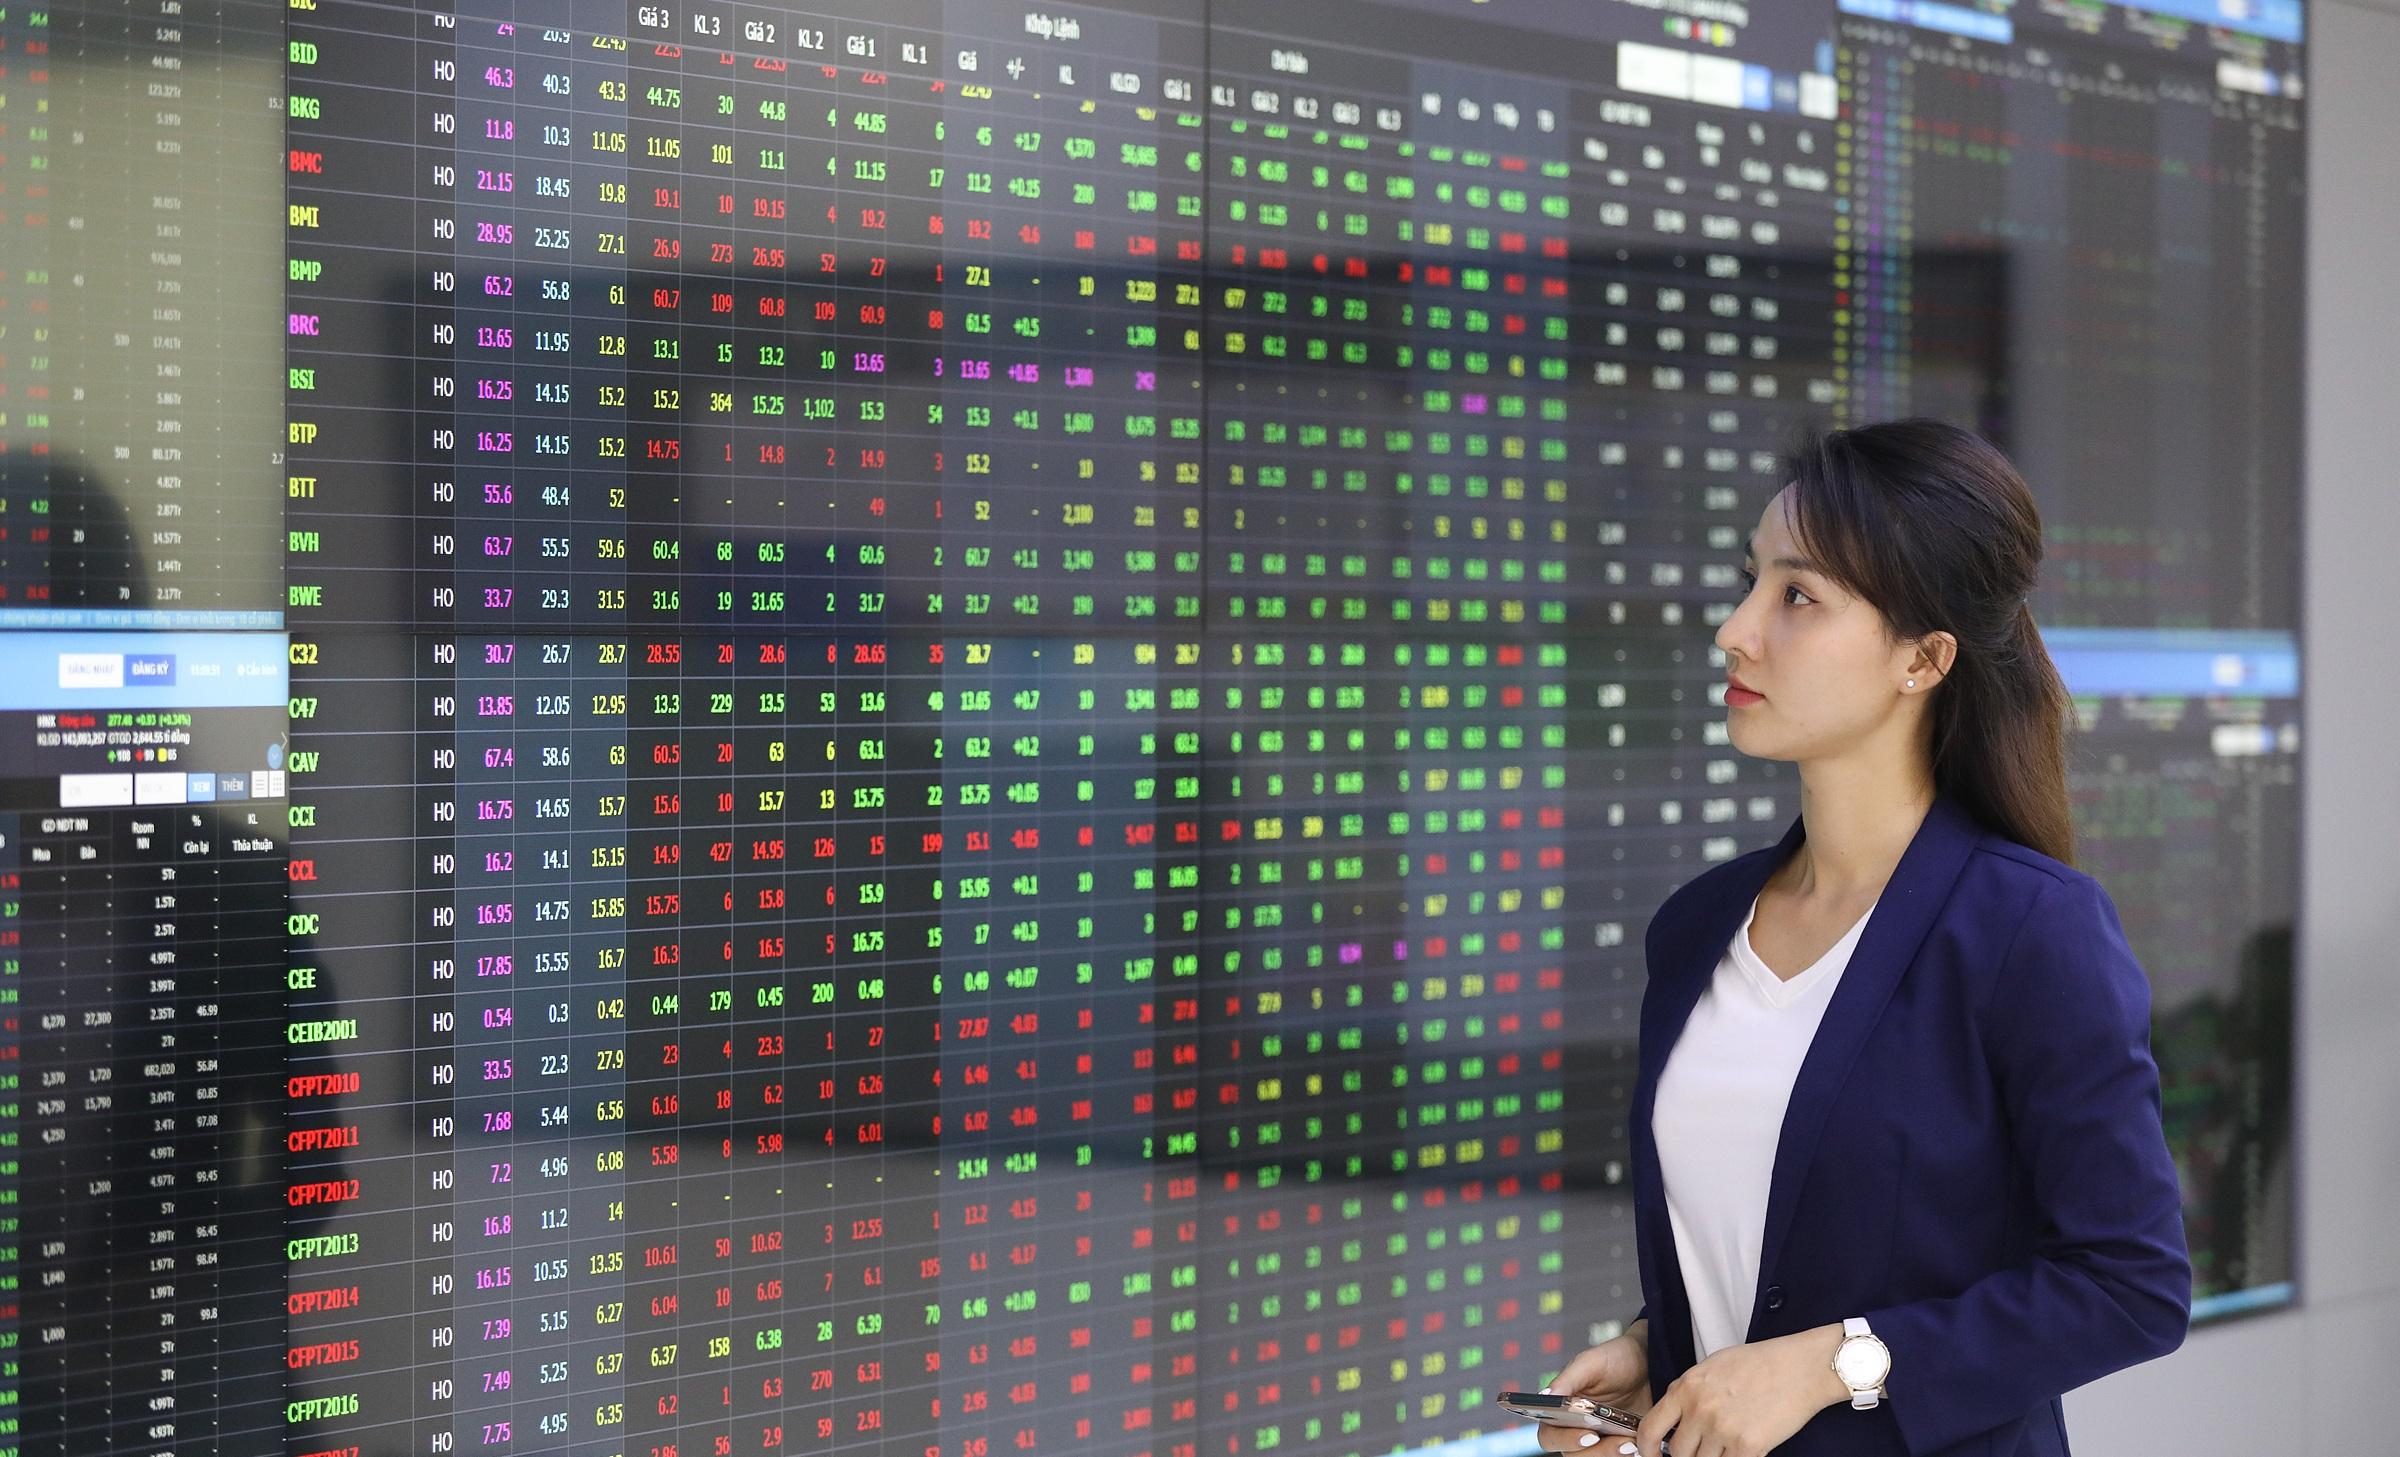 Thị trường chứng khoán Việt Nam rất đáng để đầu tư